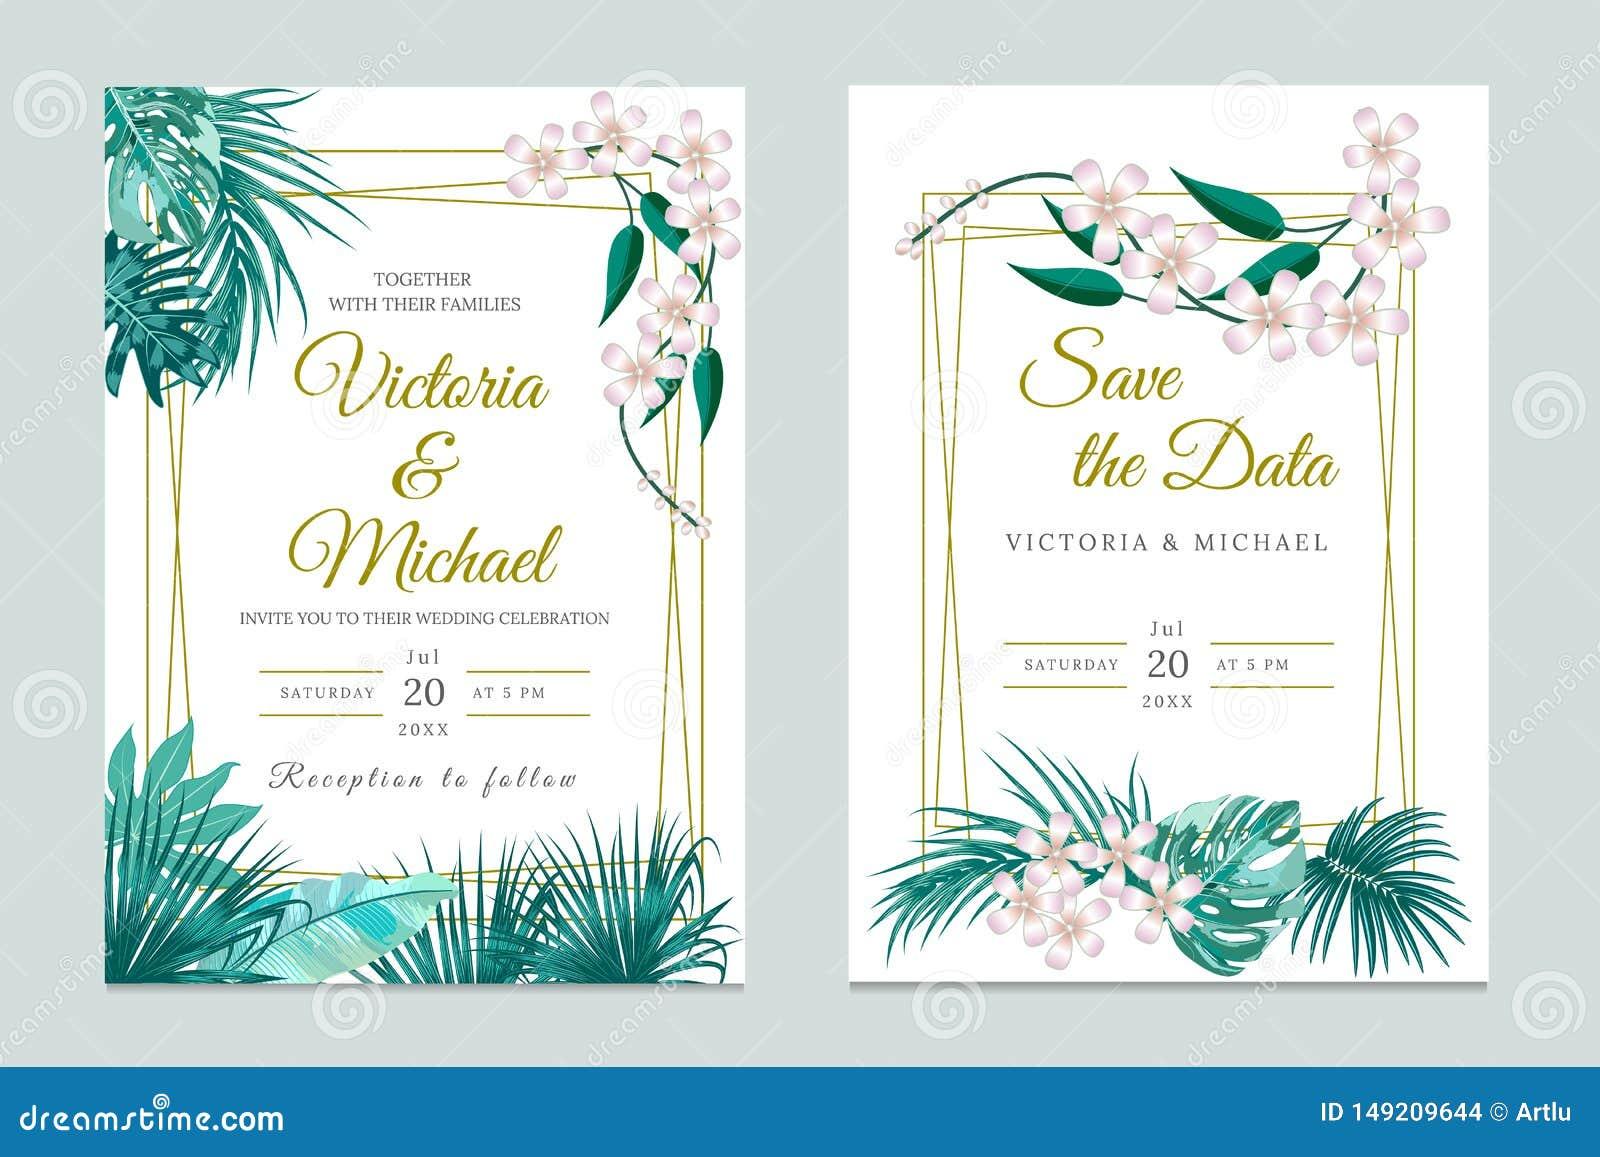 Wedding Invitation Card Design, Floral Invite. Tropical Jungle ...